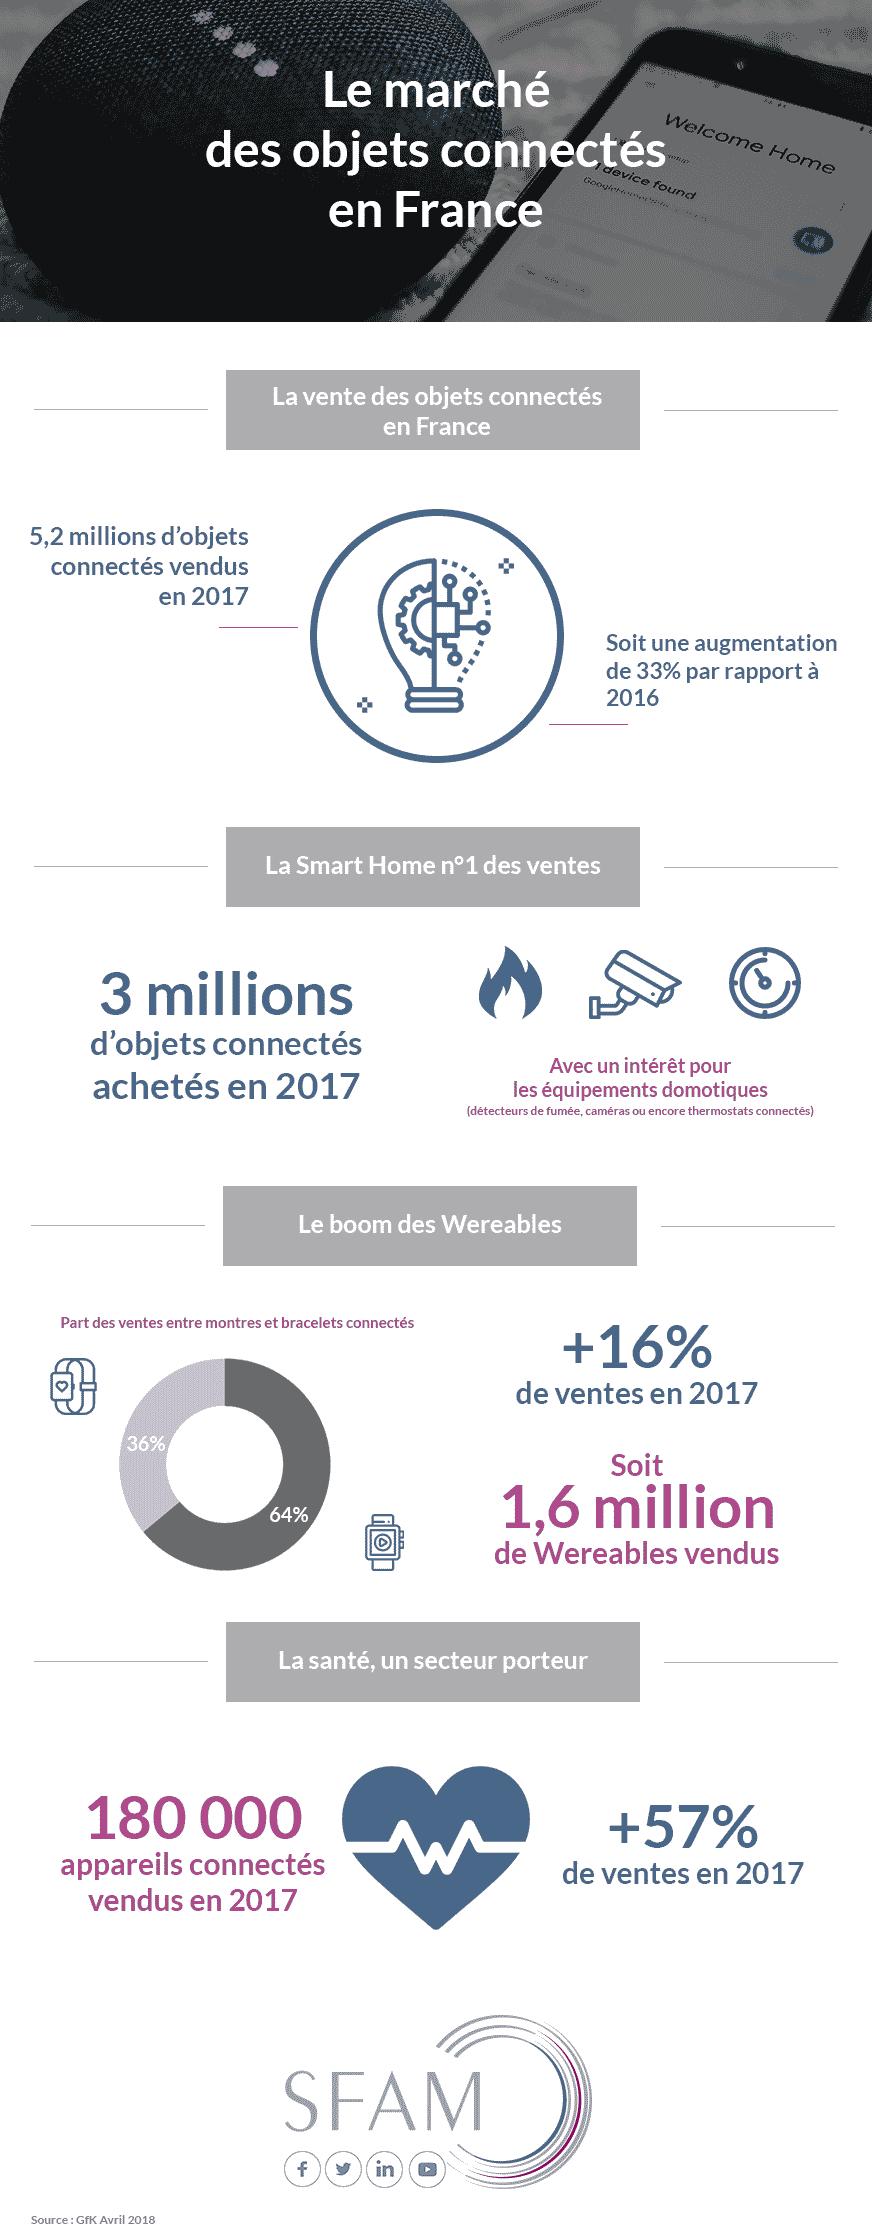 Marché des objets connectés en France - Blog SFAM